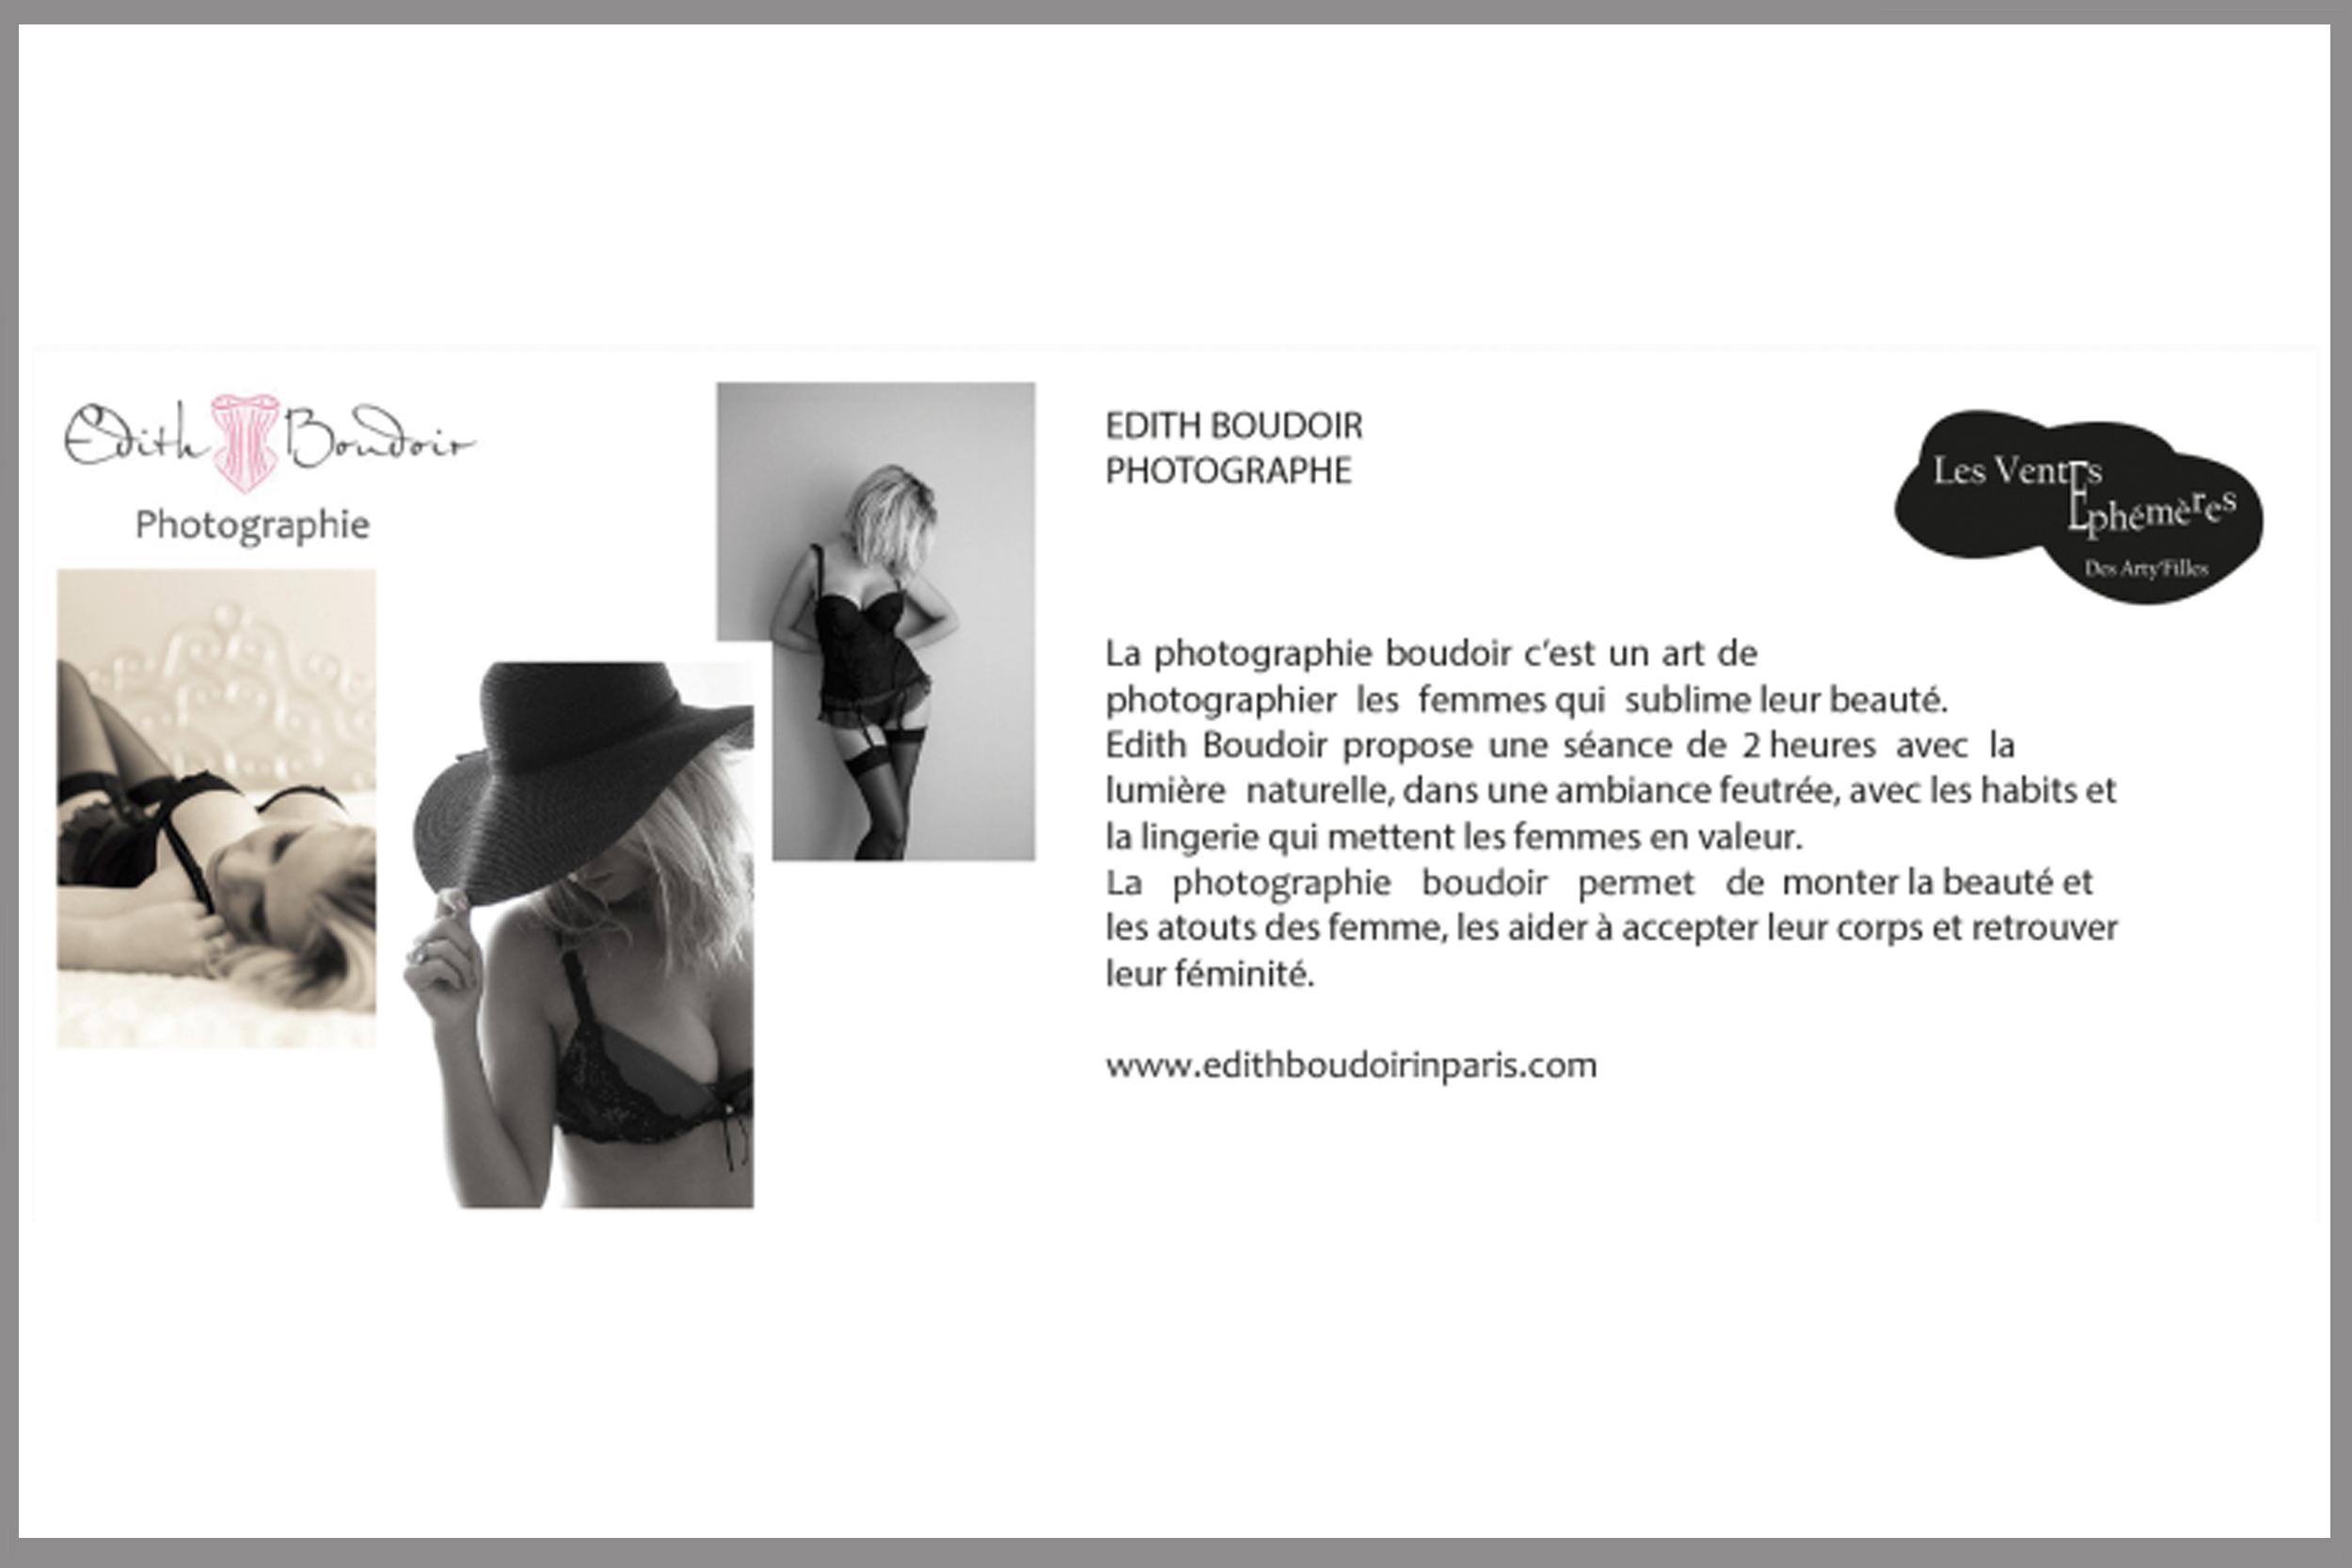 Edith Boudoir Photographe.jpg